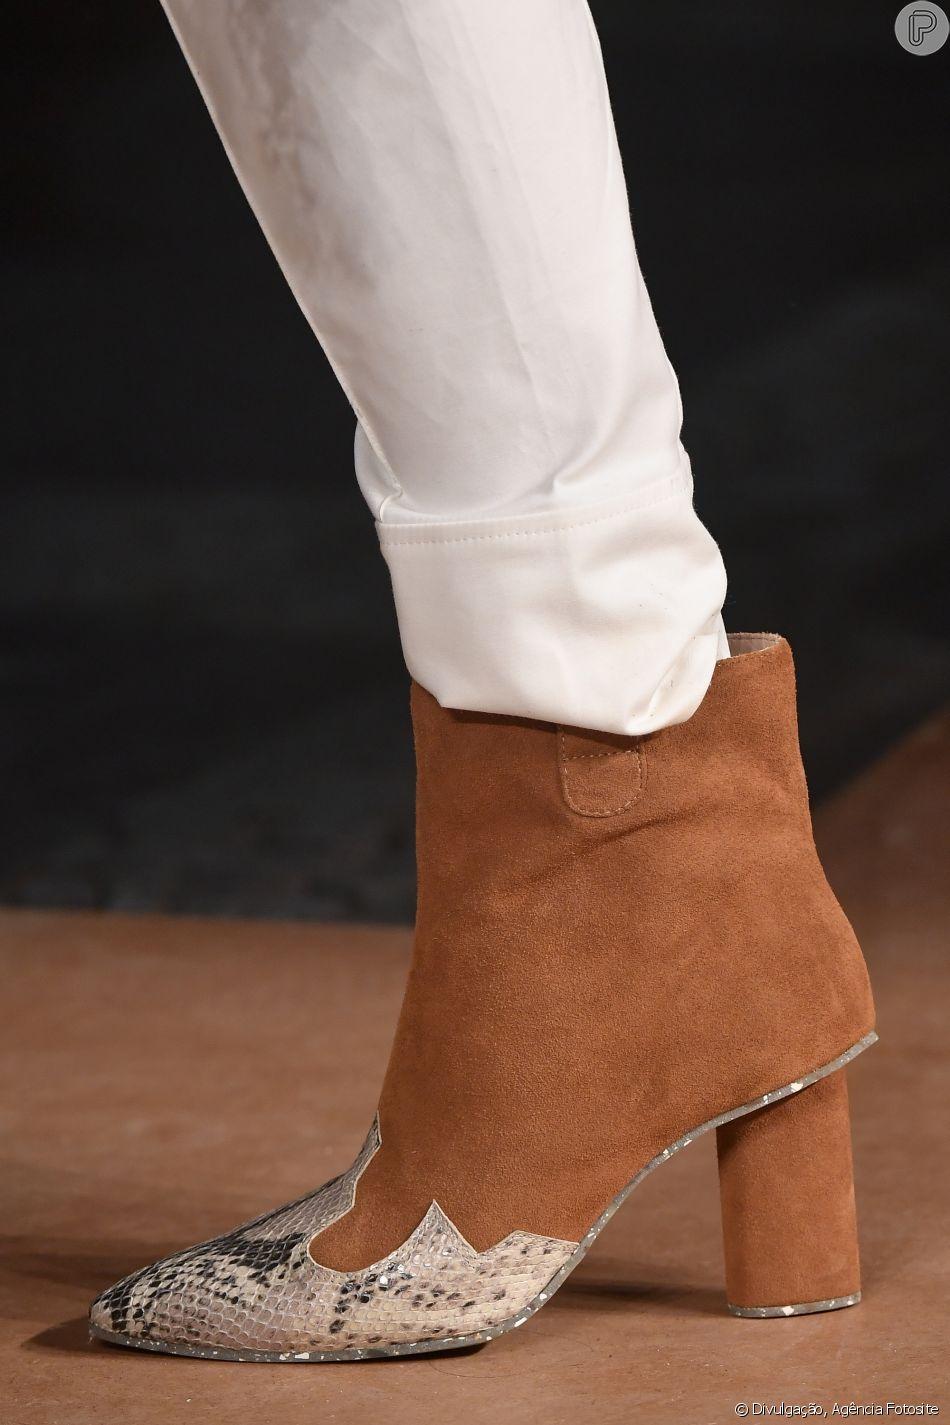 Esperta a ankle boot proposta pela grife, que tem um pé nos anos 80 e outro nas botas de cowboy